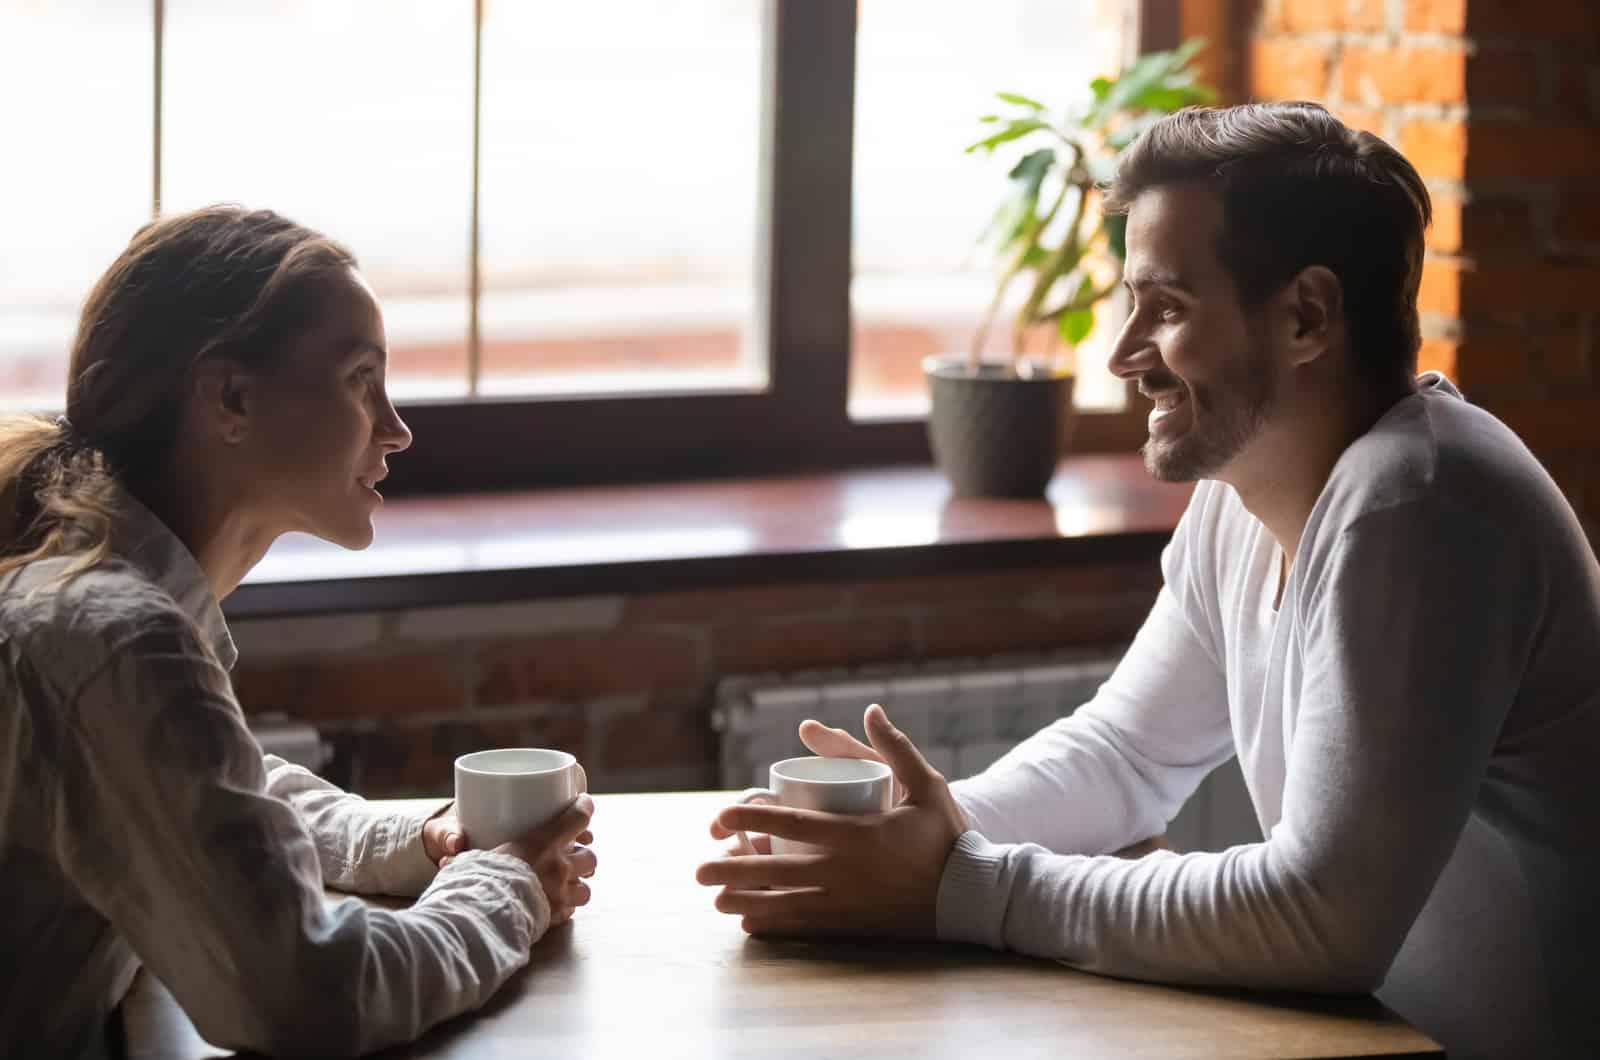 Mann und Frau reden und trinken Kaffee